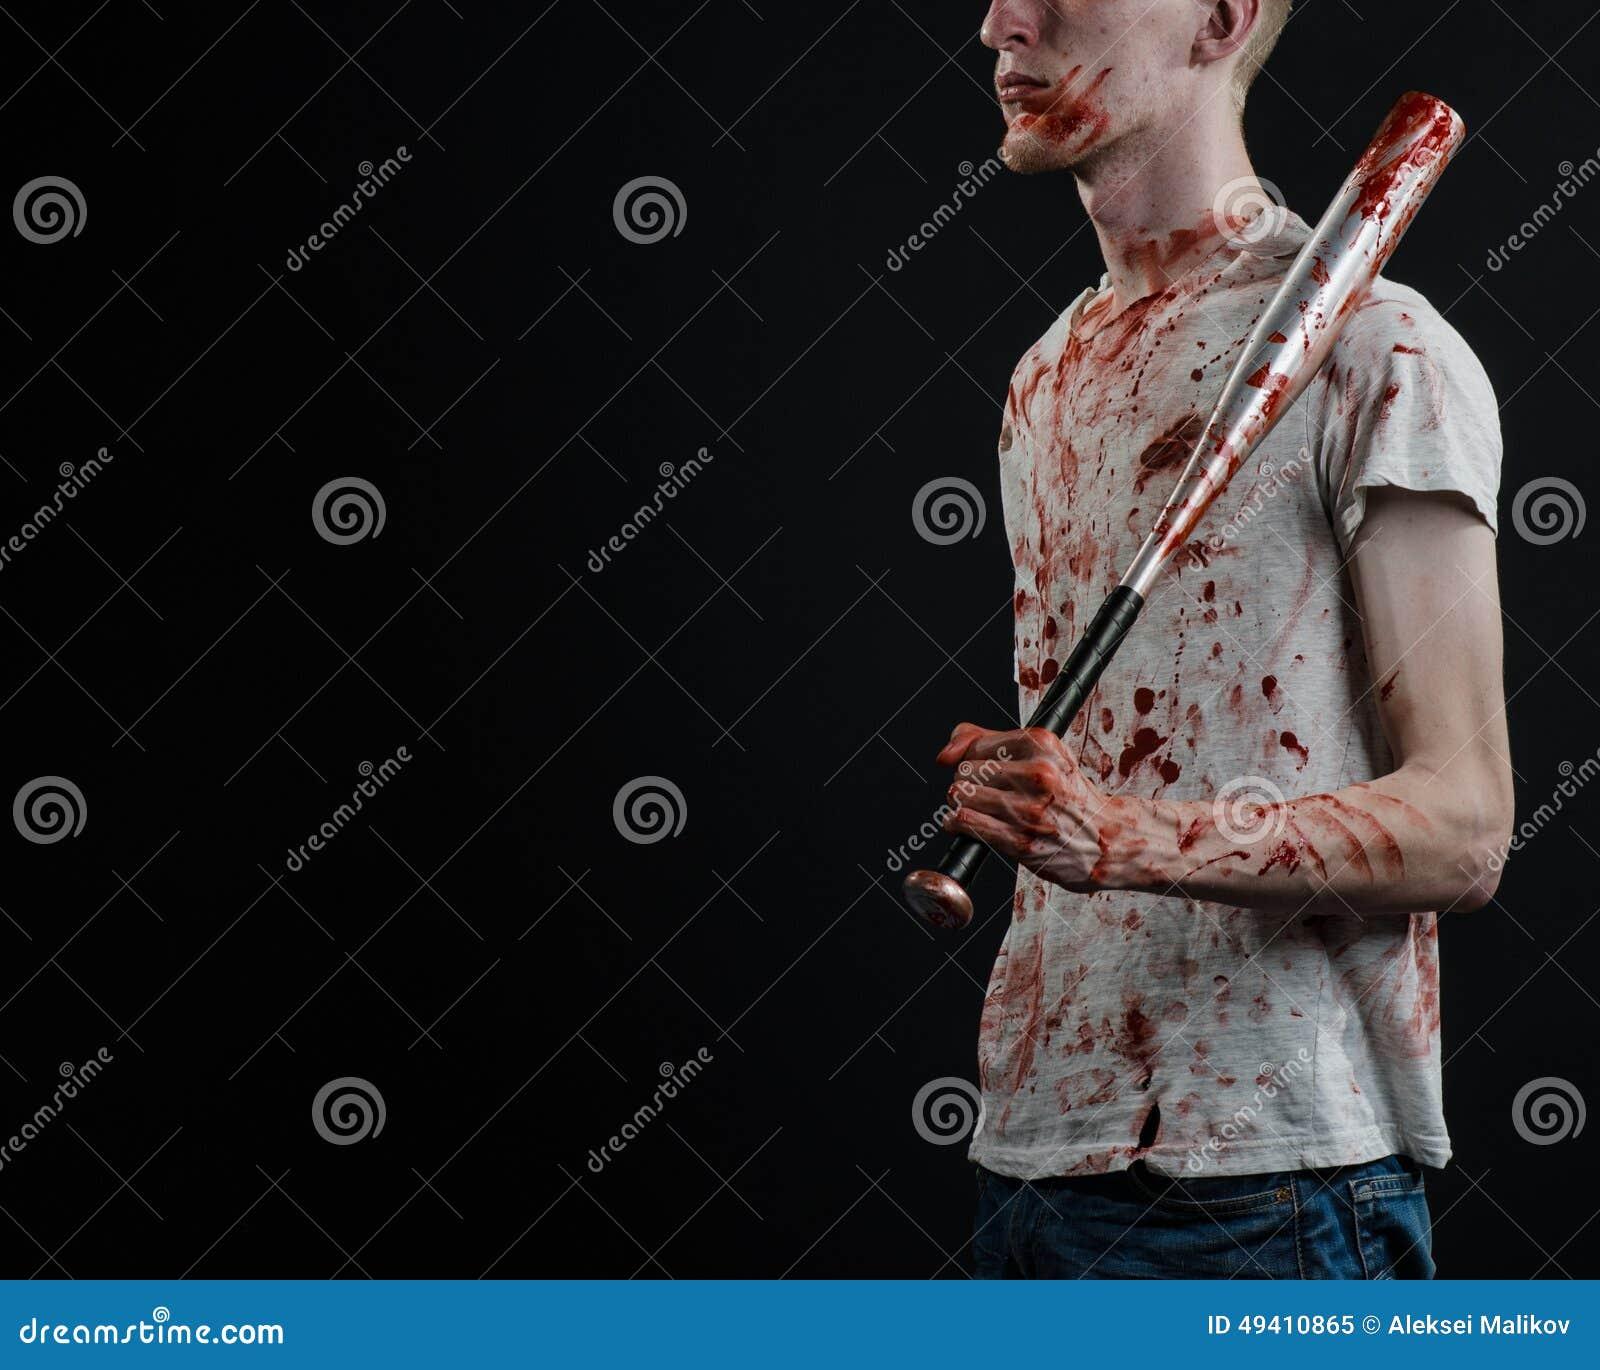 Download Blutiges Thema: Der Kerl In Einem Blutigen T-Shirt, Das Einen Blutigen Schläger Auf Einem Schwarzen Hintergrund Hält Stockbild - Bild von kriminell, verbrechen: 49410865